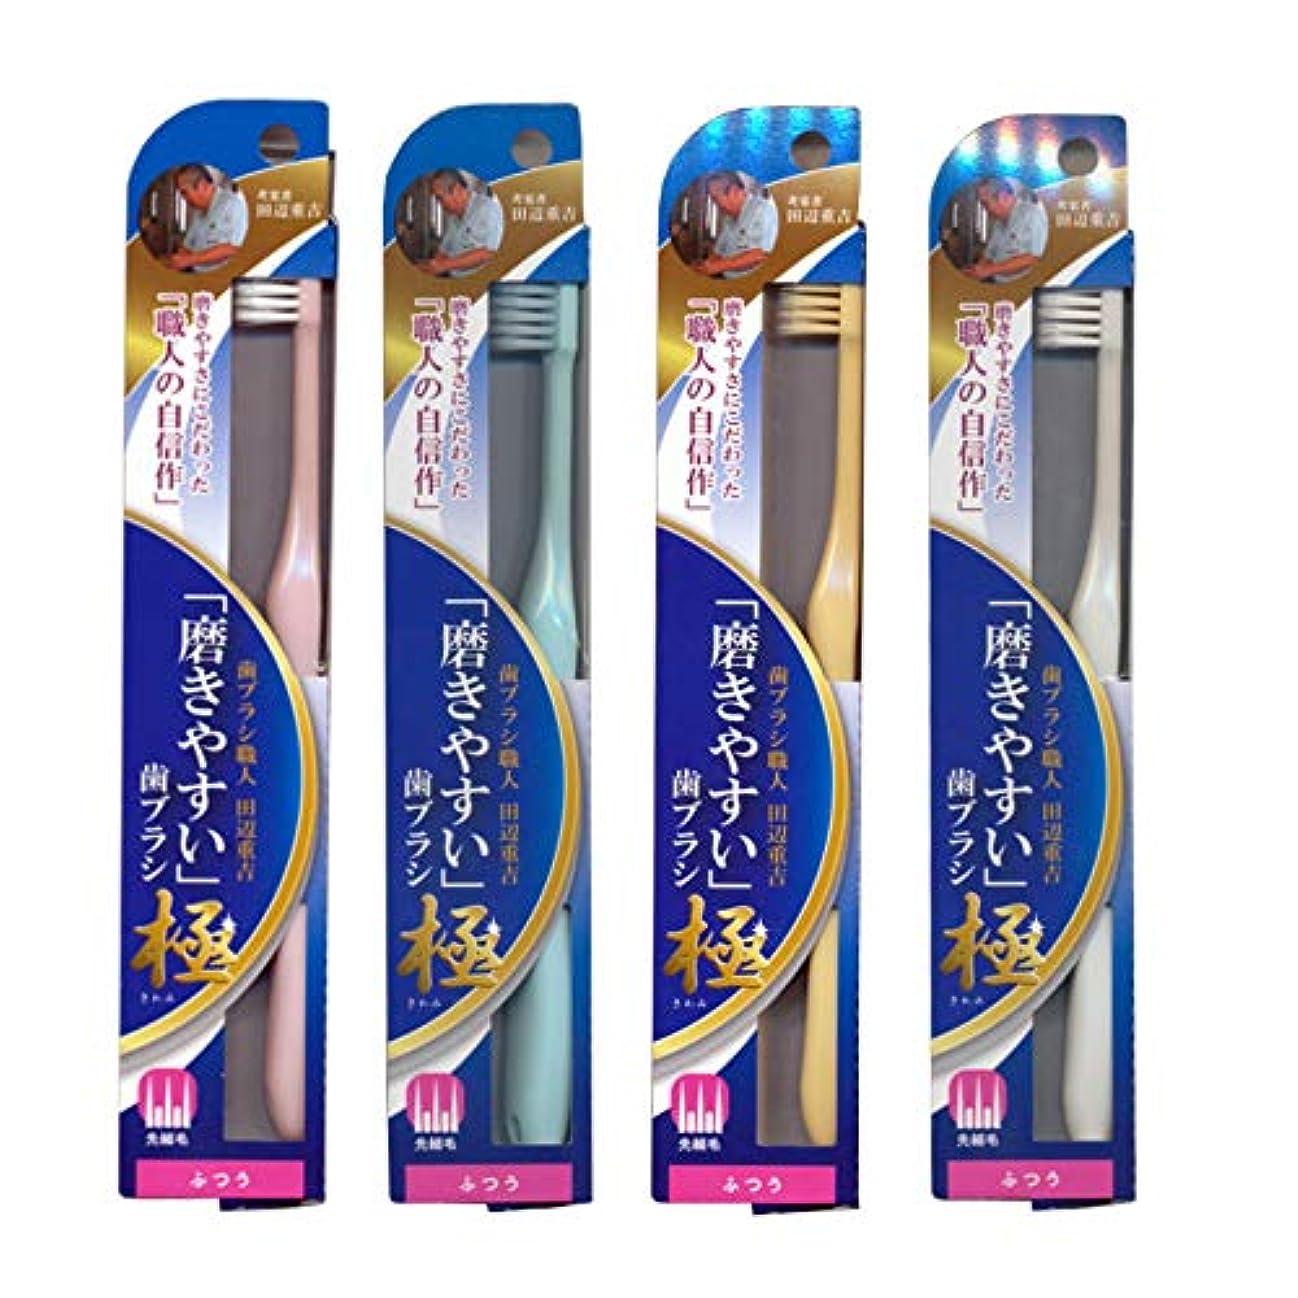 嫌な強度白菜磨きやすい歯ブラシ極 (ふつう) LT-44×4本セット(ピンク×1、ブルー×1、ホワイト×1、イエロー×1)先細毛